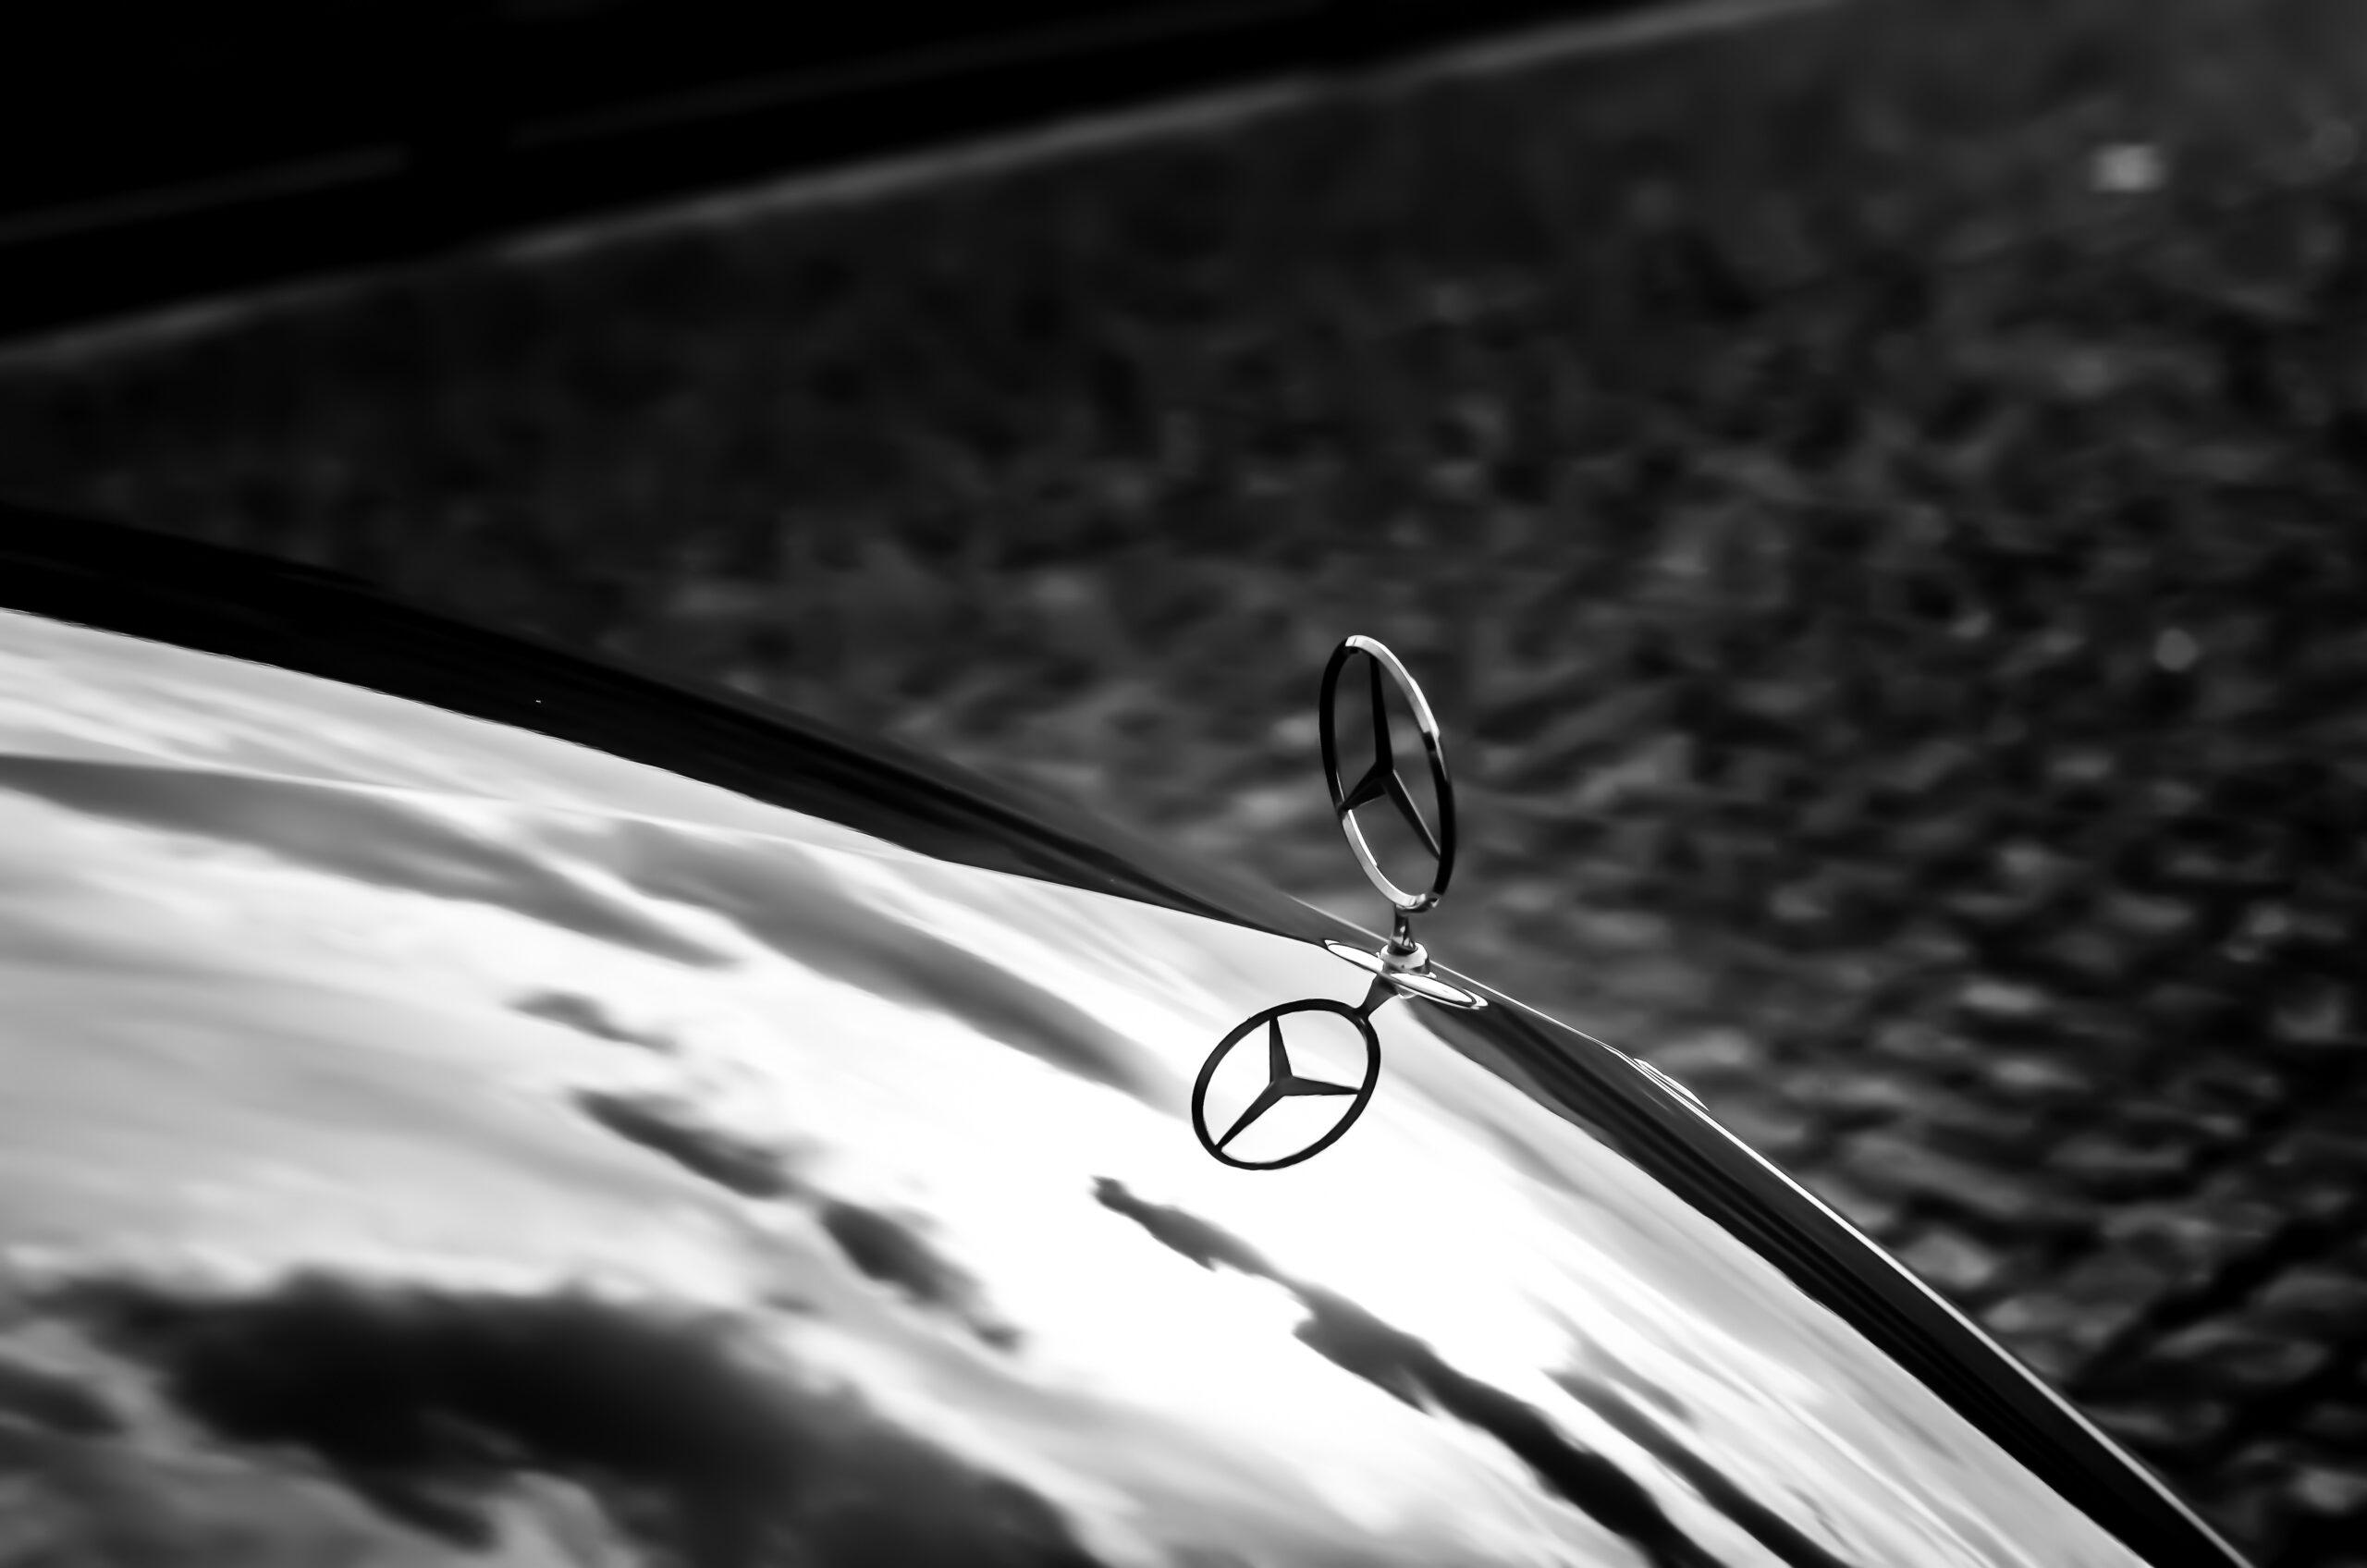 You are currently viewing Daimler zahlt Mitarbeitern 1.000 Euro Corona-Prämie – während der harte Sparkurs Tausende Stellen vernichtet